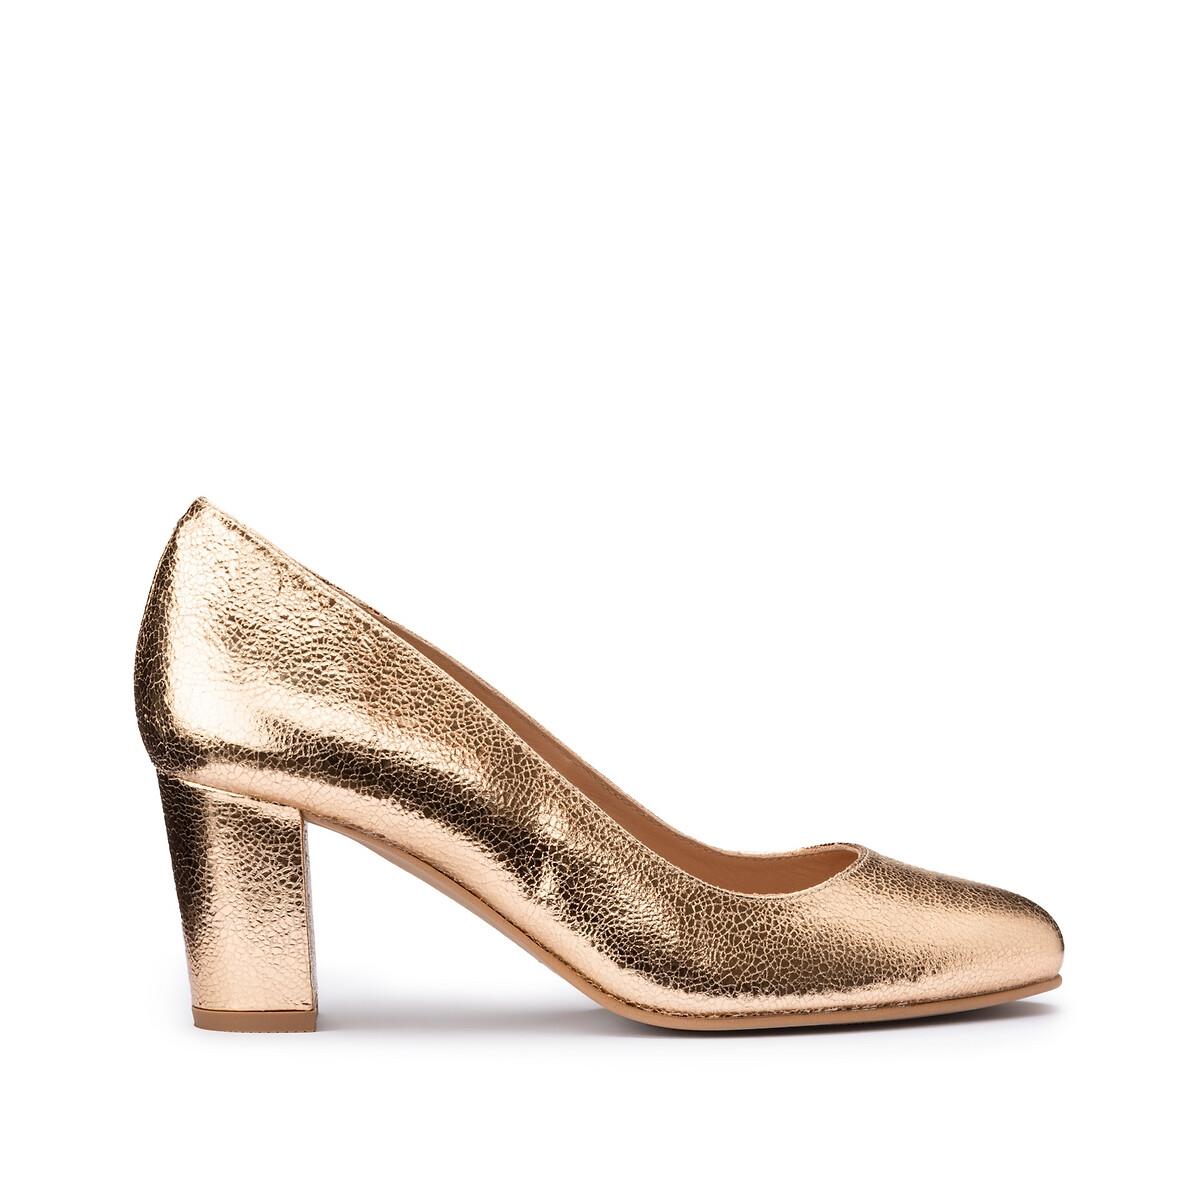 Туфли LaRedoute Кожаные на широком каблуке 39 золотистый